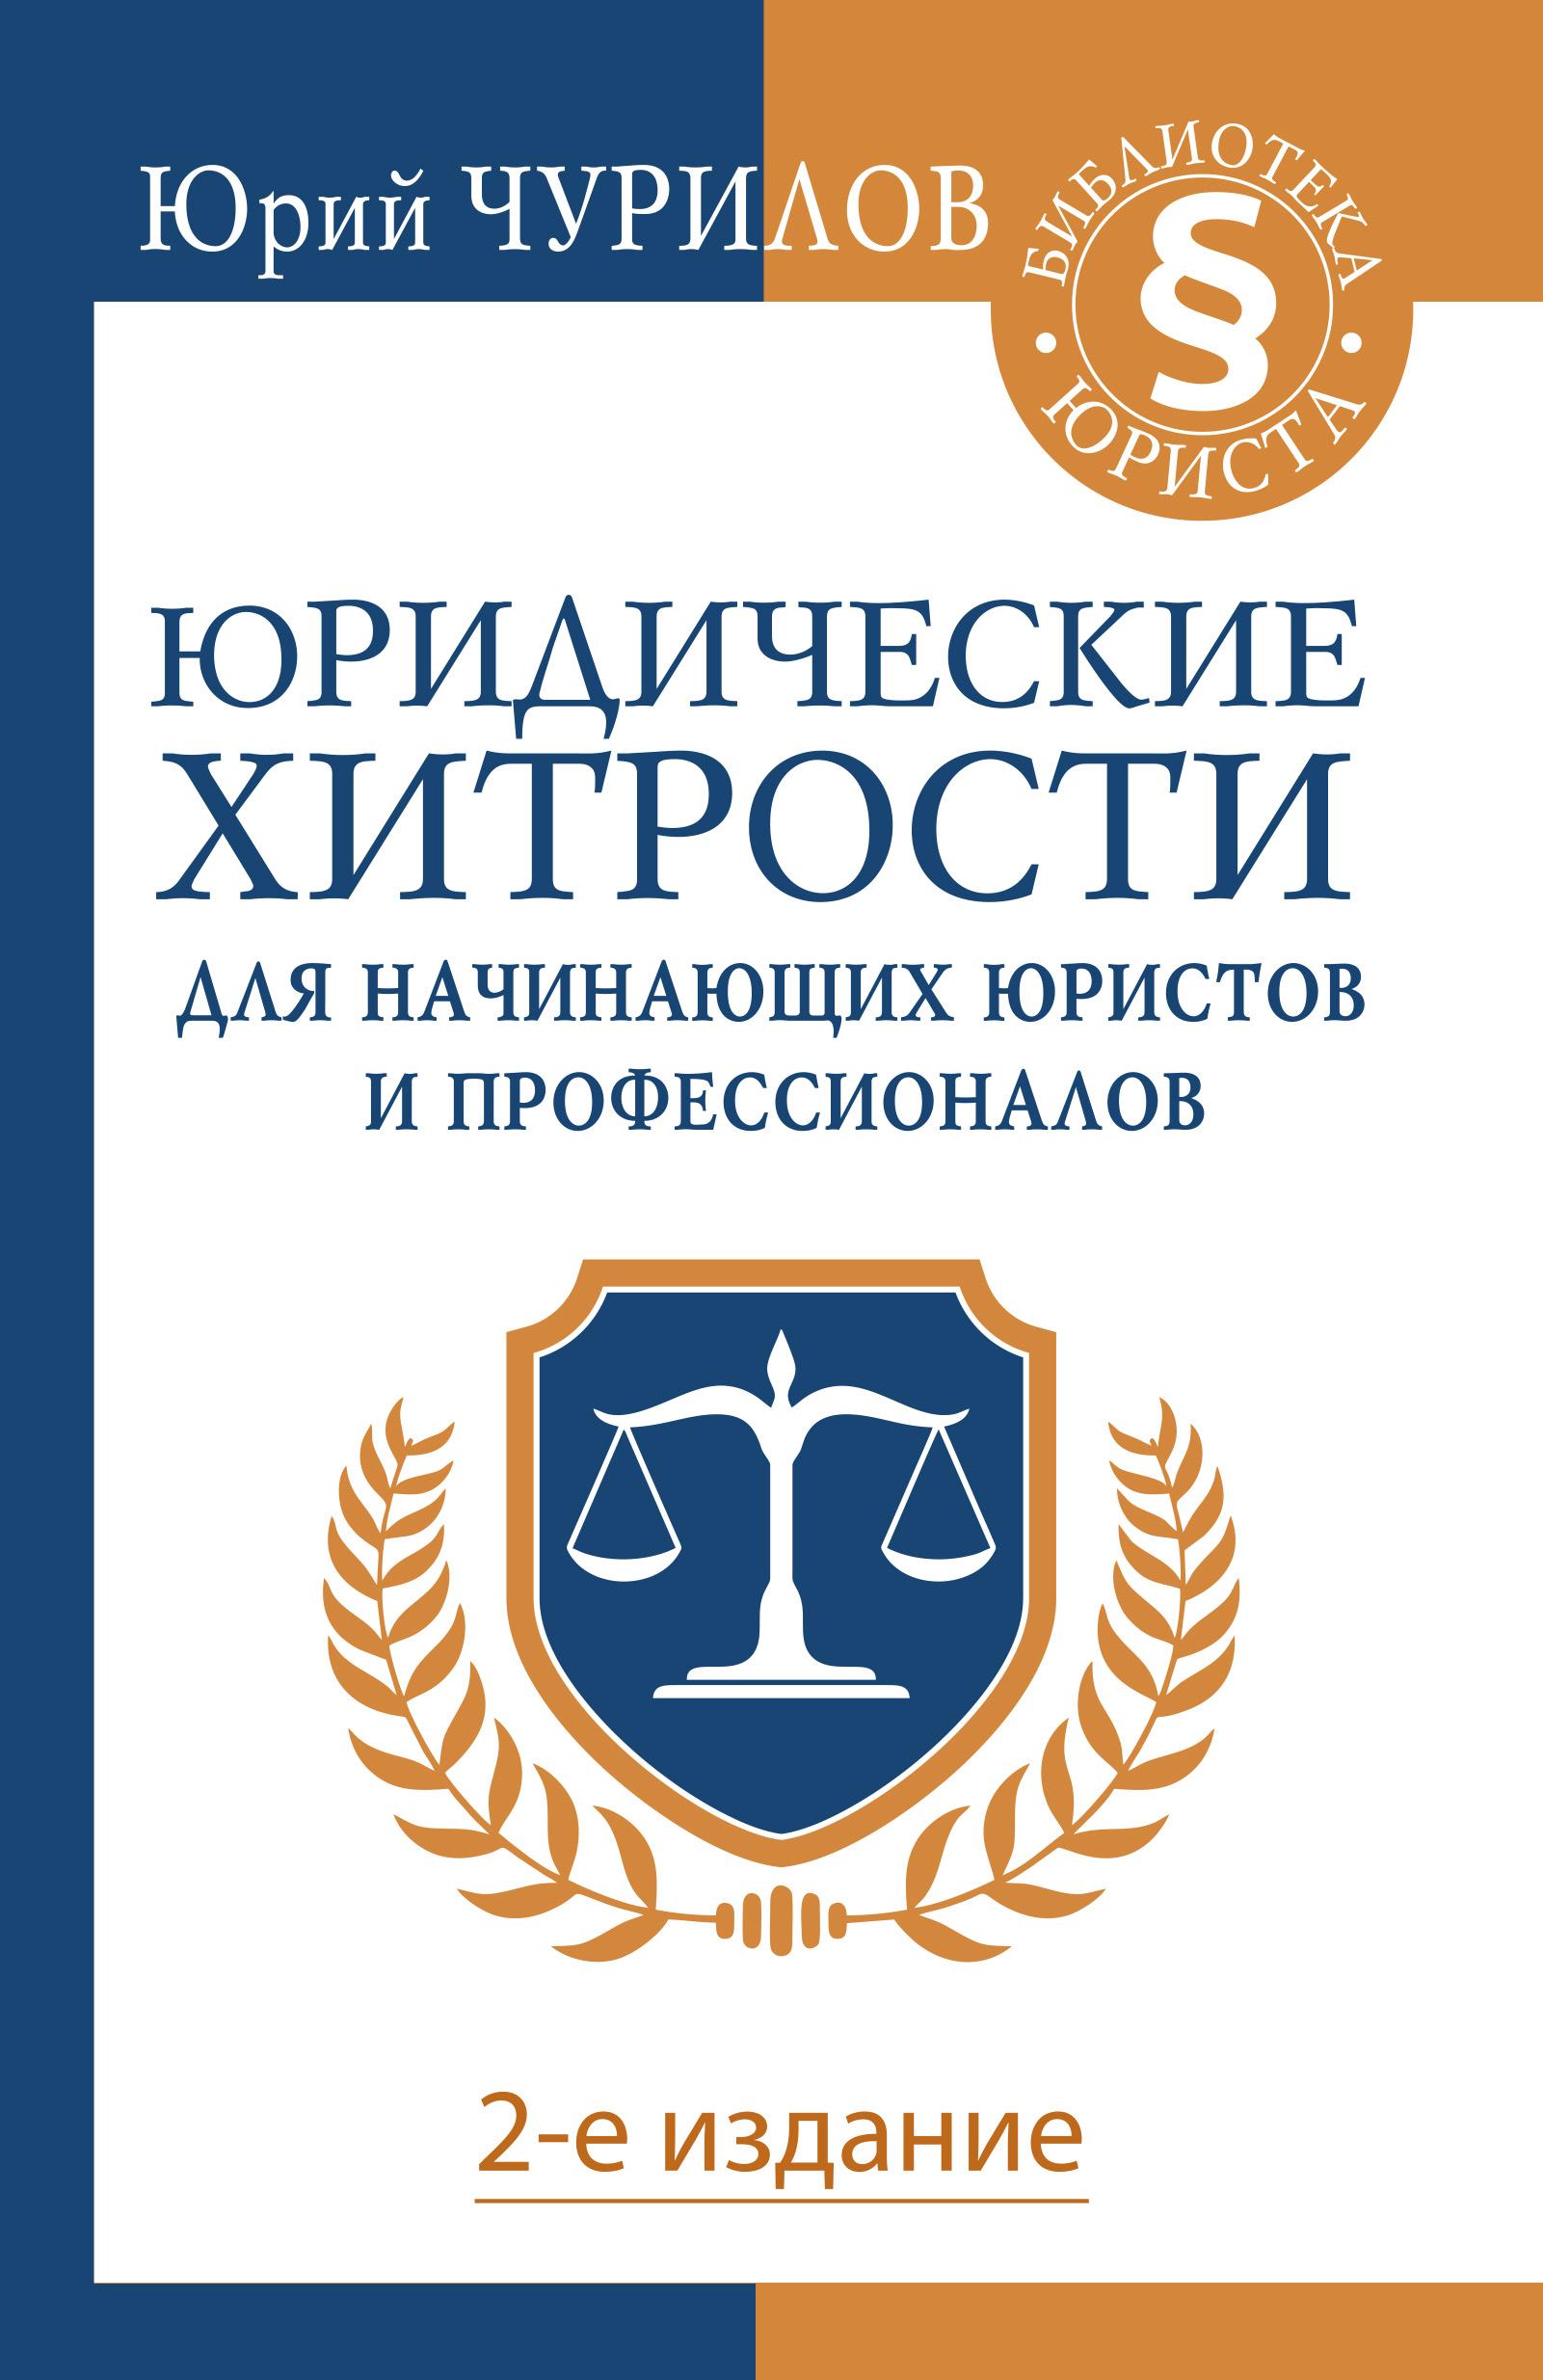 Юридические хитрости для начинающих юристов и профессионалов